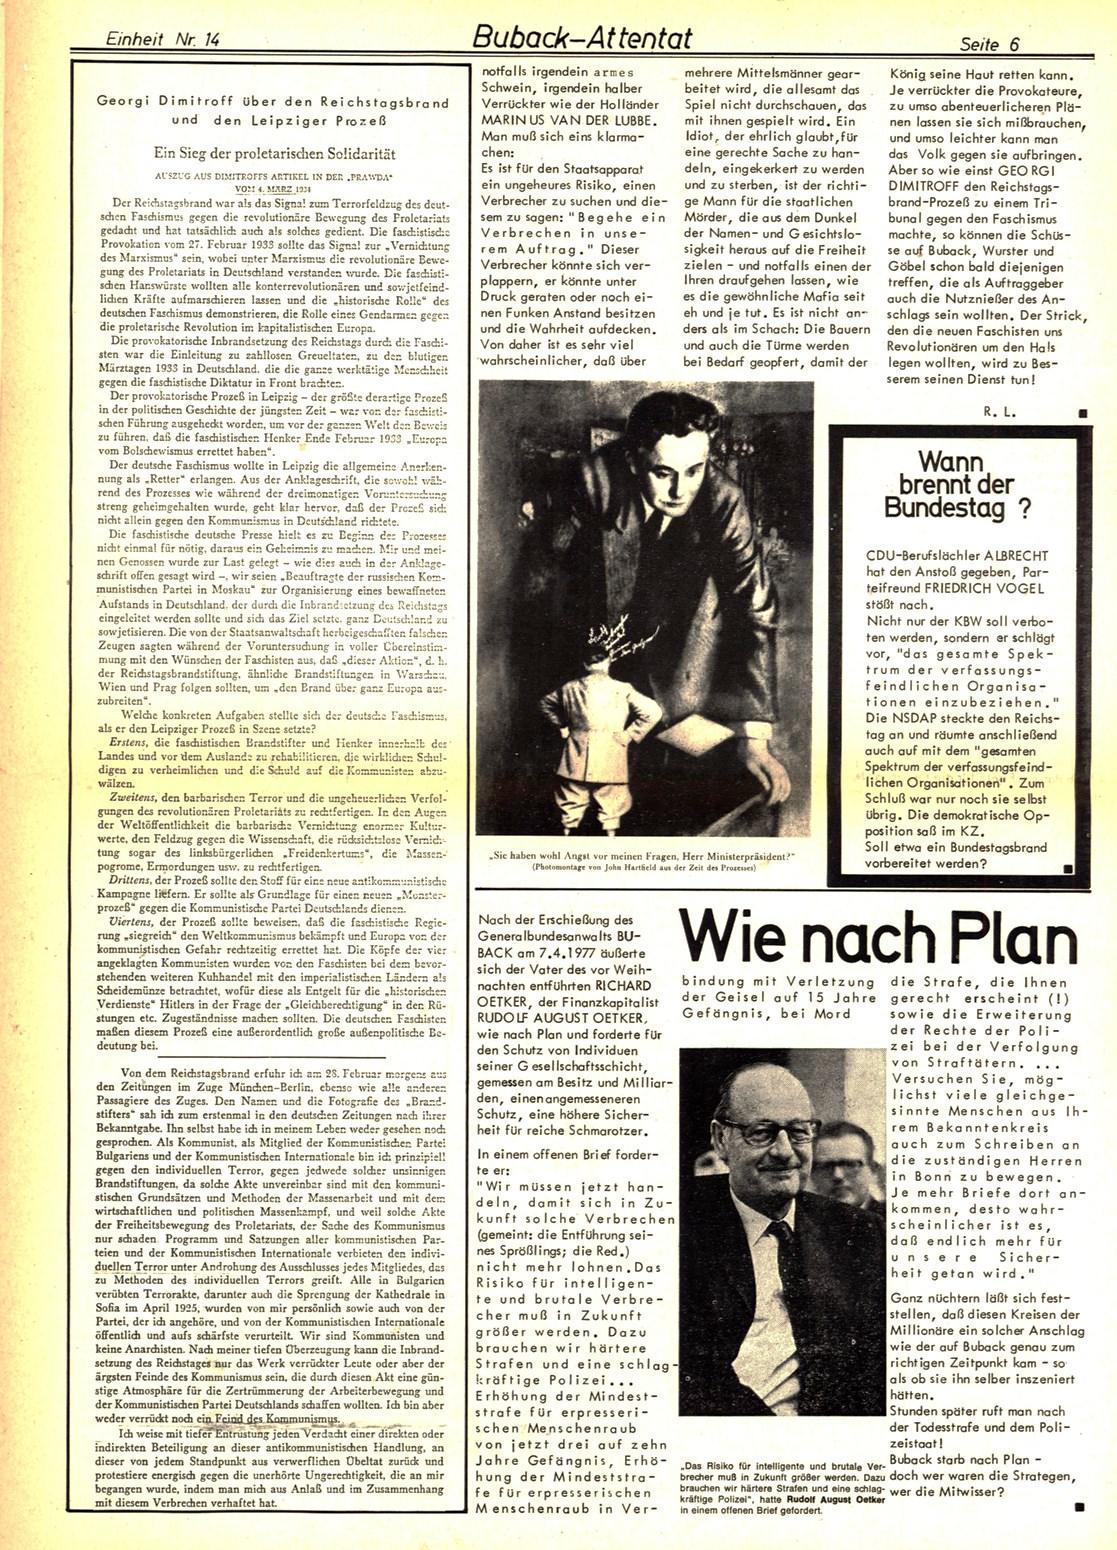 Koeln_IPdA_Einheit_1977_014_006